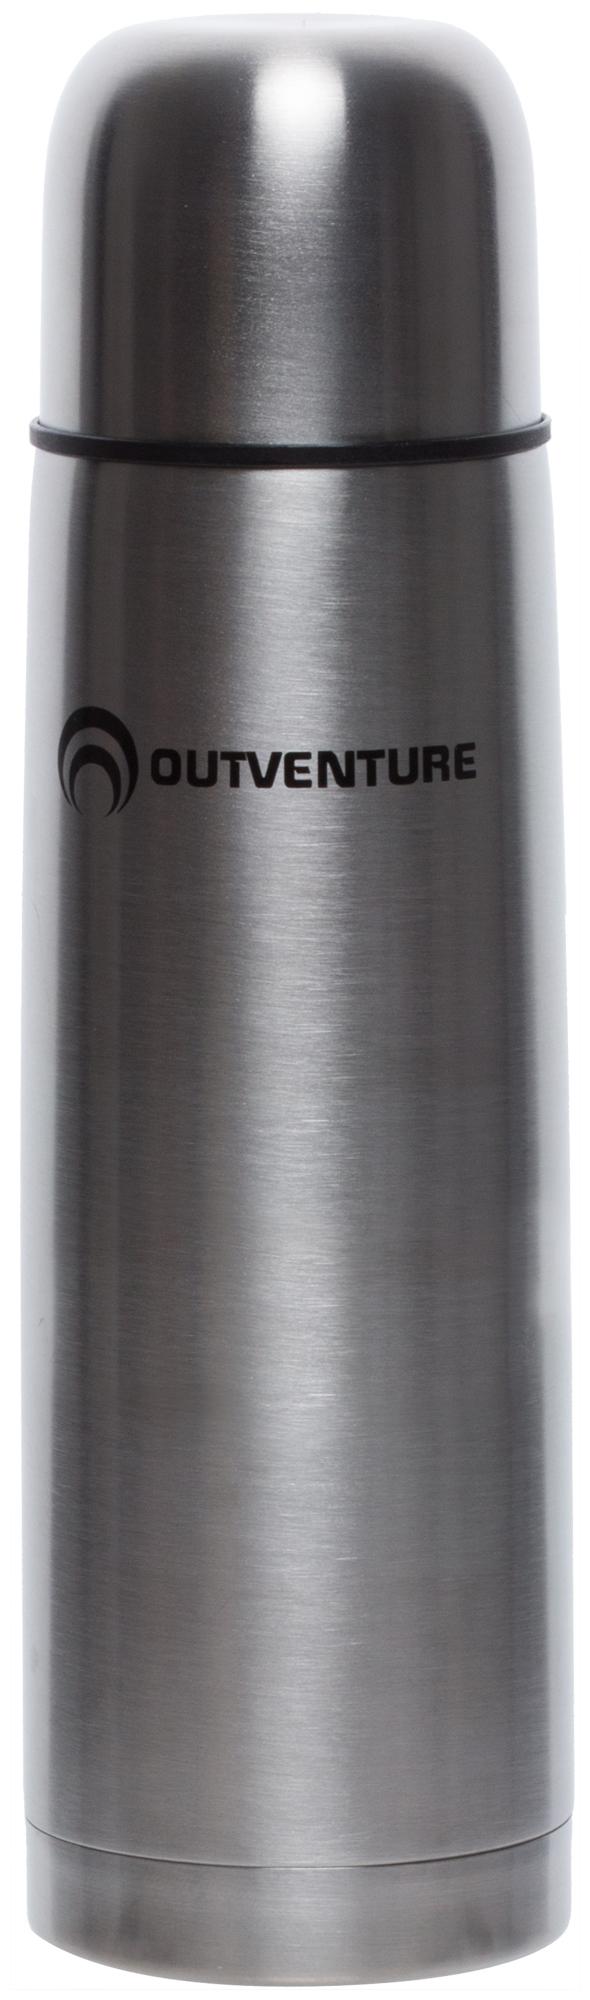 Outventure Термос Outventure, 0,5 л мужские напитки